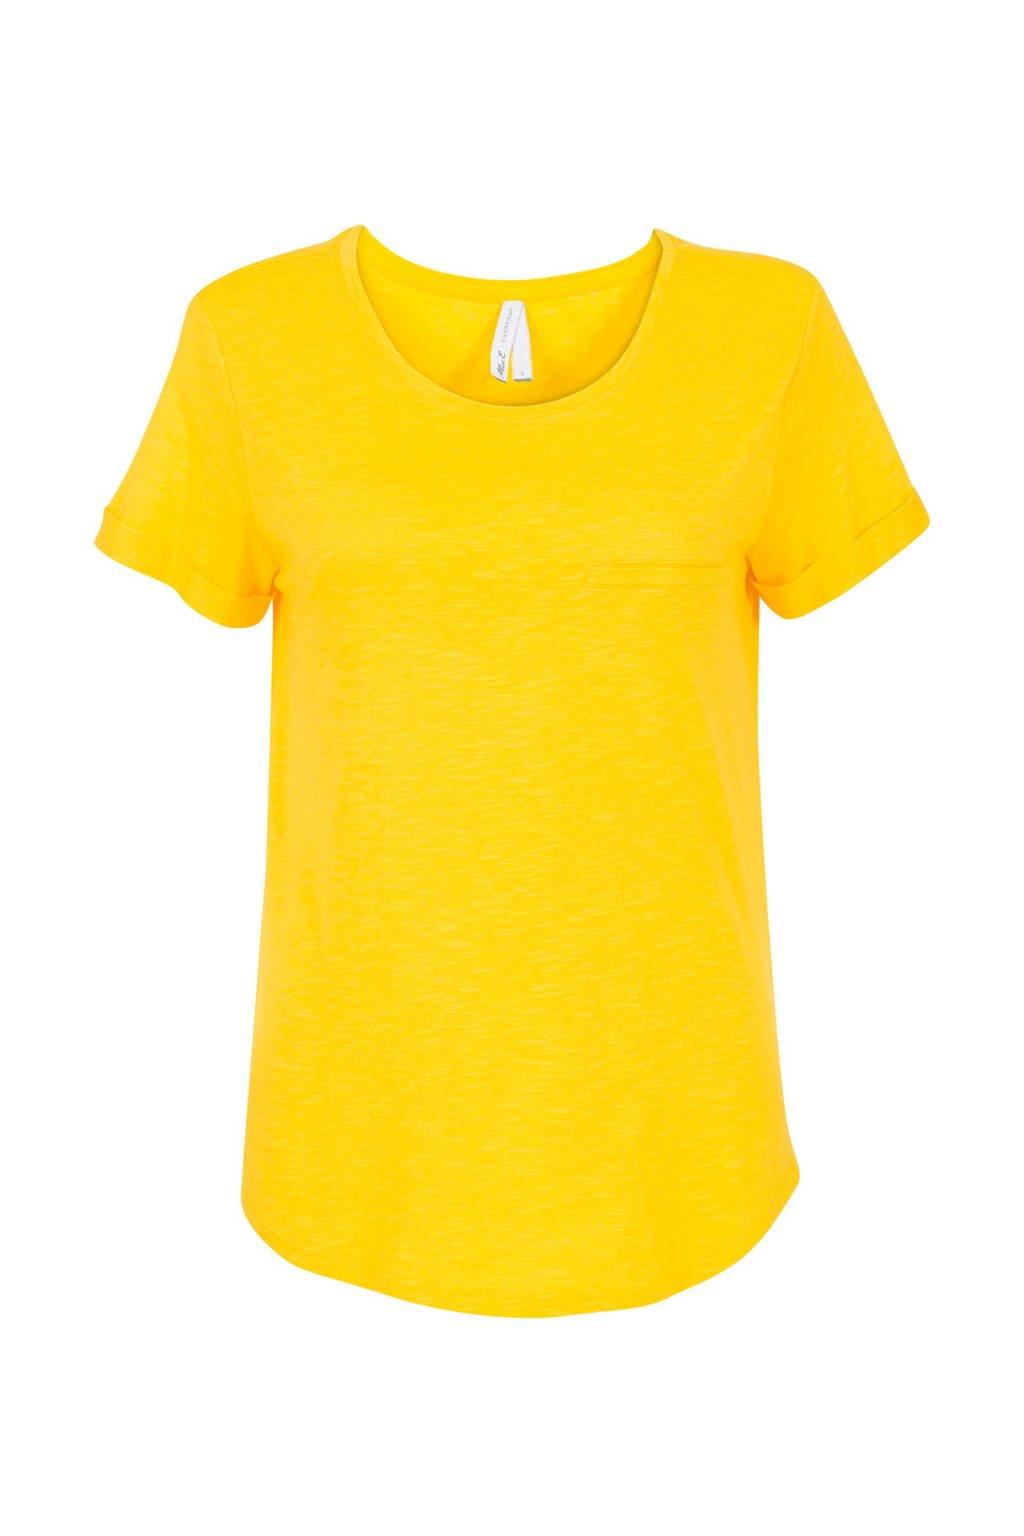 Miss Etam Regulier T-shirt met borstzakje geel, Geel